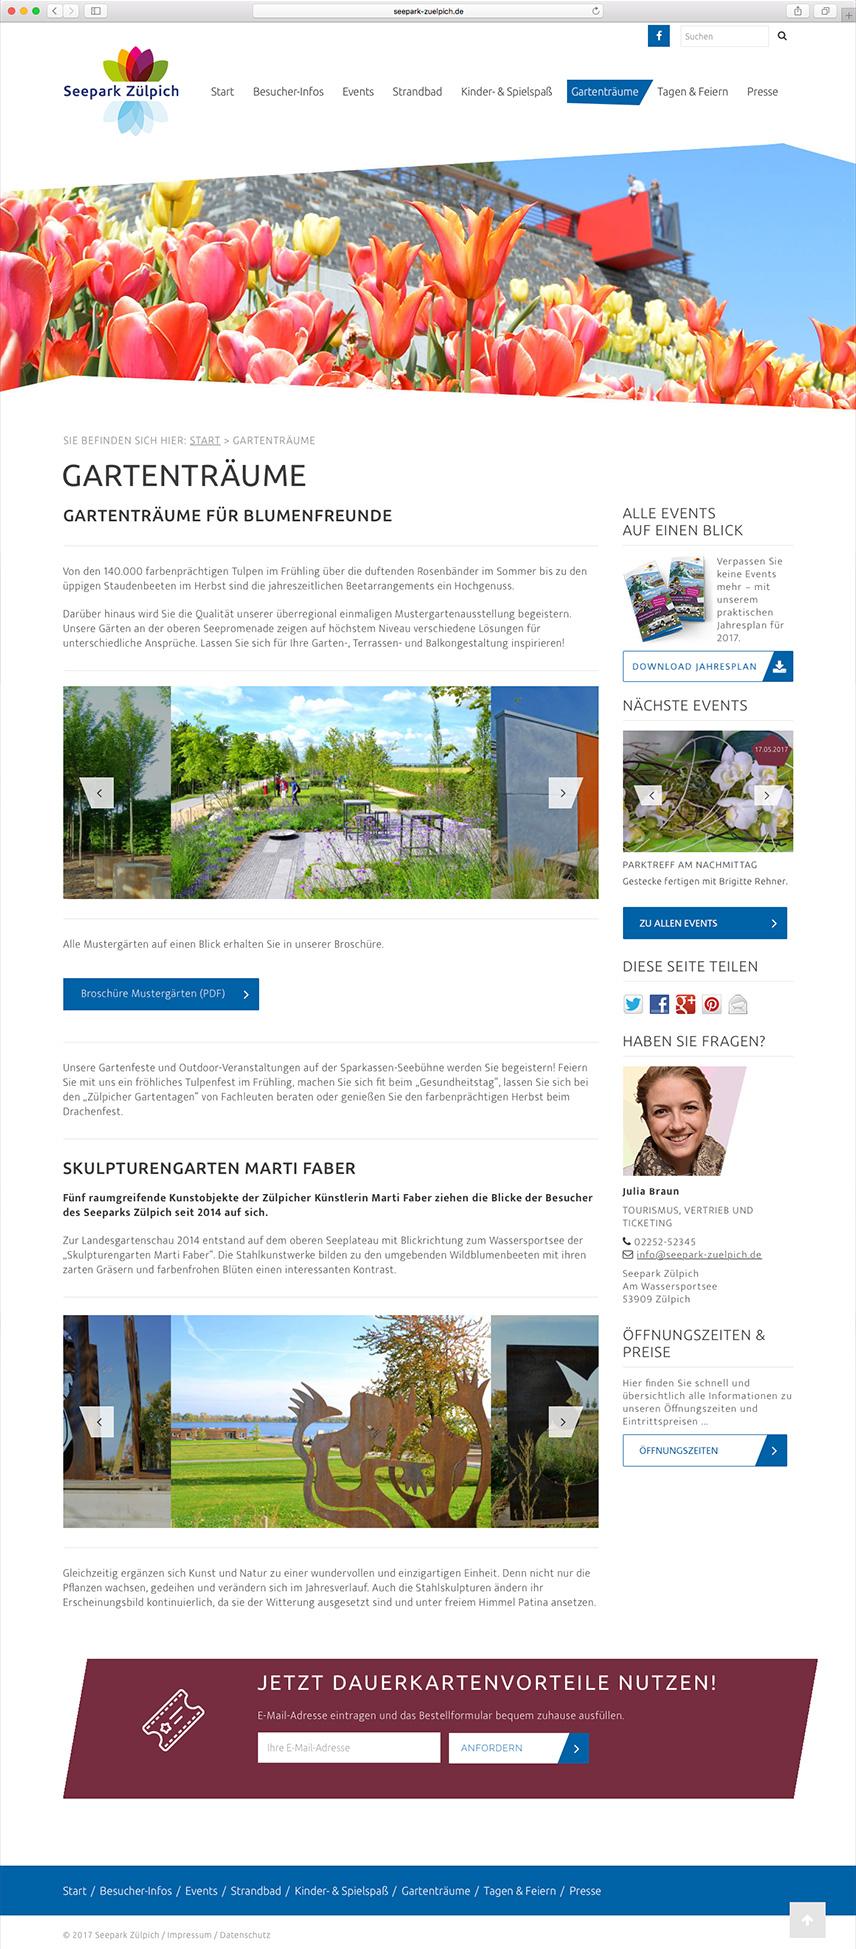 Themenseite 'Gartenträume' der Website für den Seepark Zülpich